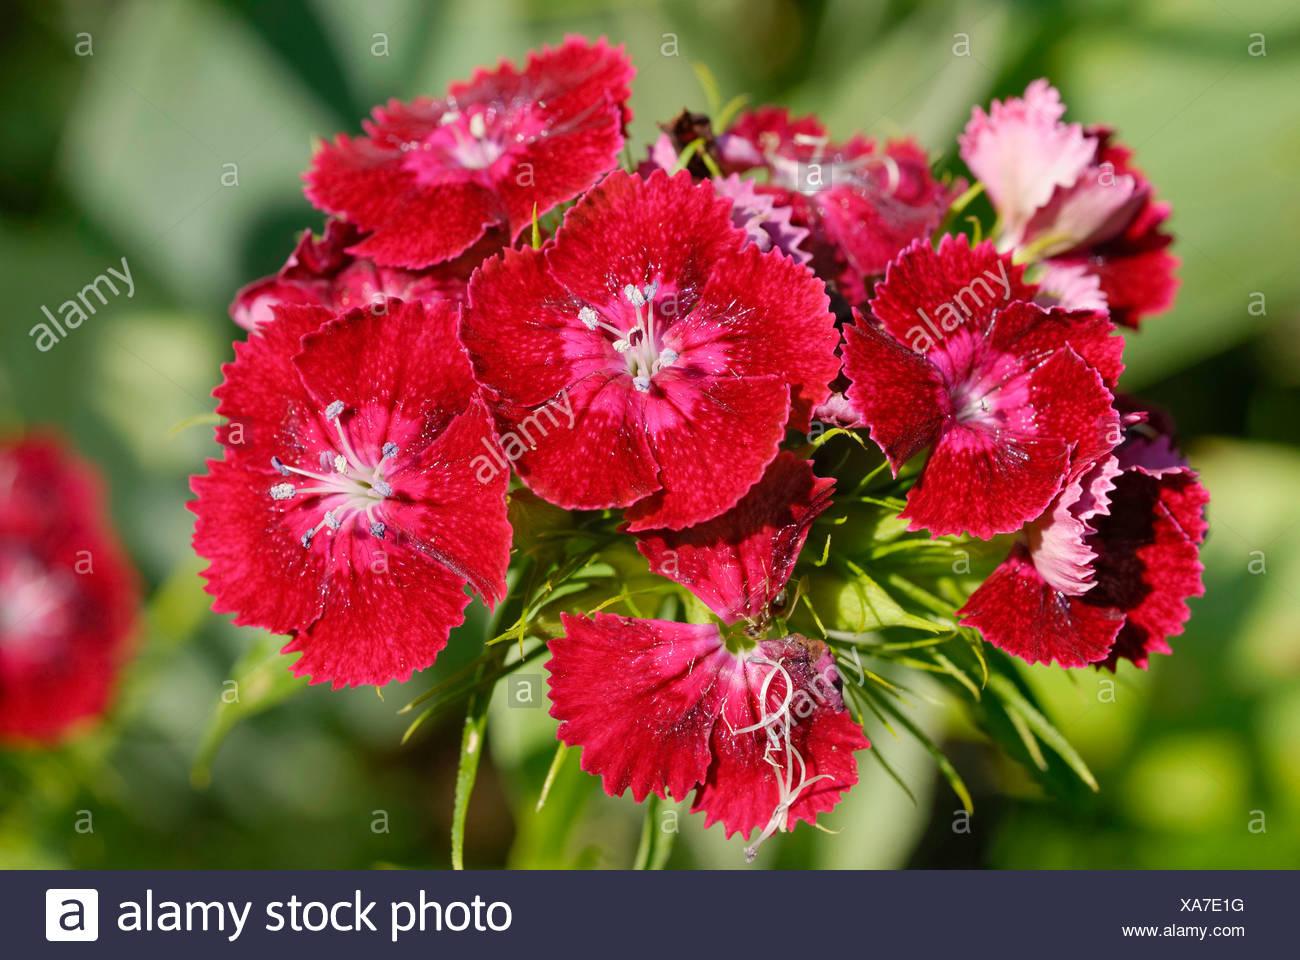 Dianthus, Sweet William (Dianthus barbatus), red blossoms - Stock Image